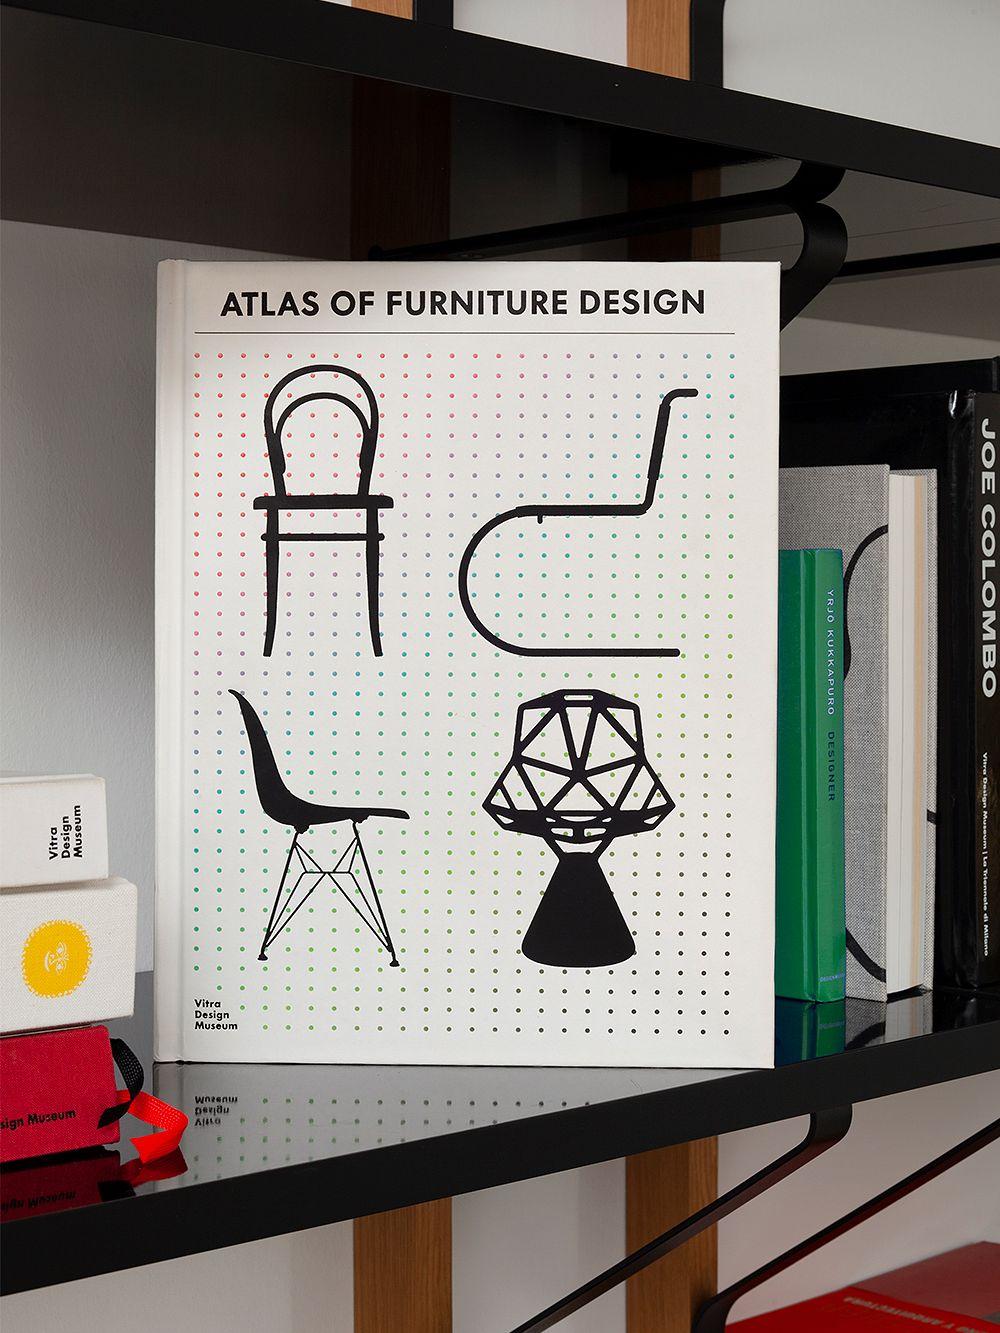 Vitra Design Museum Atlas of Furniture Design